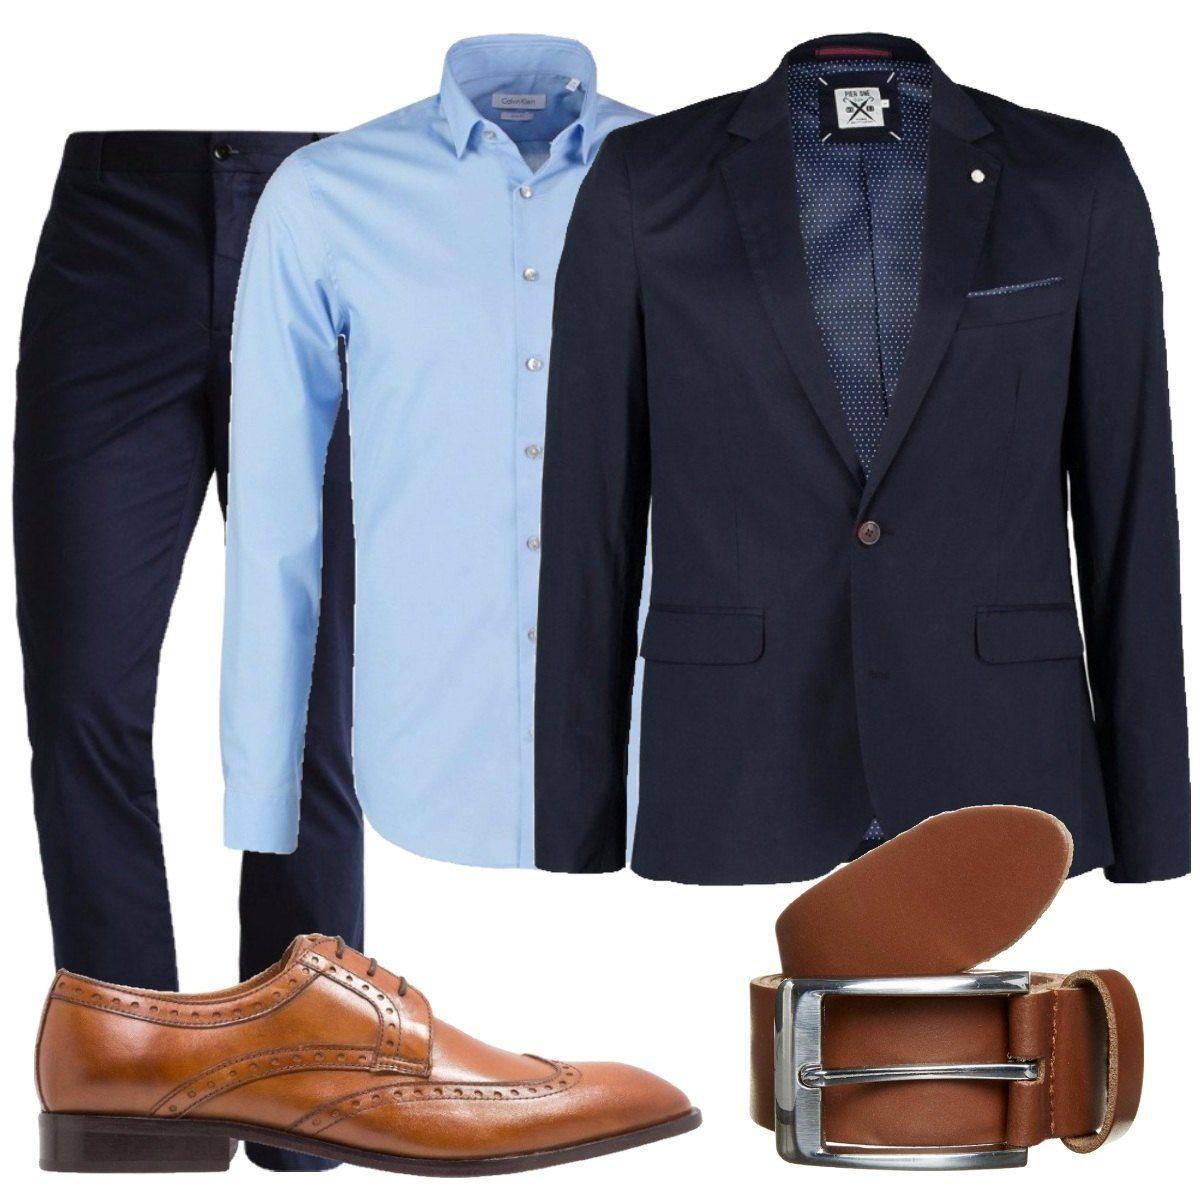 Sfumature di blu: outfit uomo Business/Elegante per ufficio e serata  speciale | Bantoa